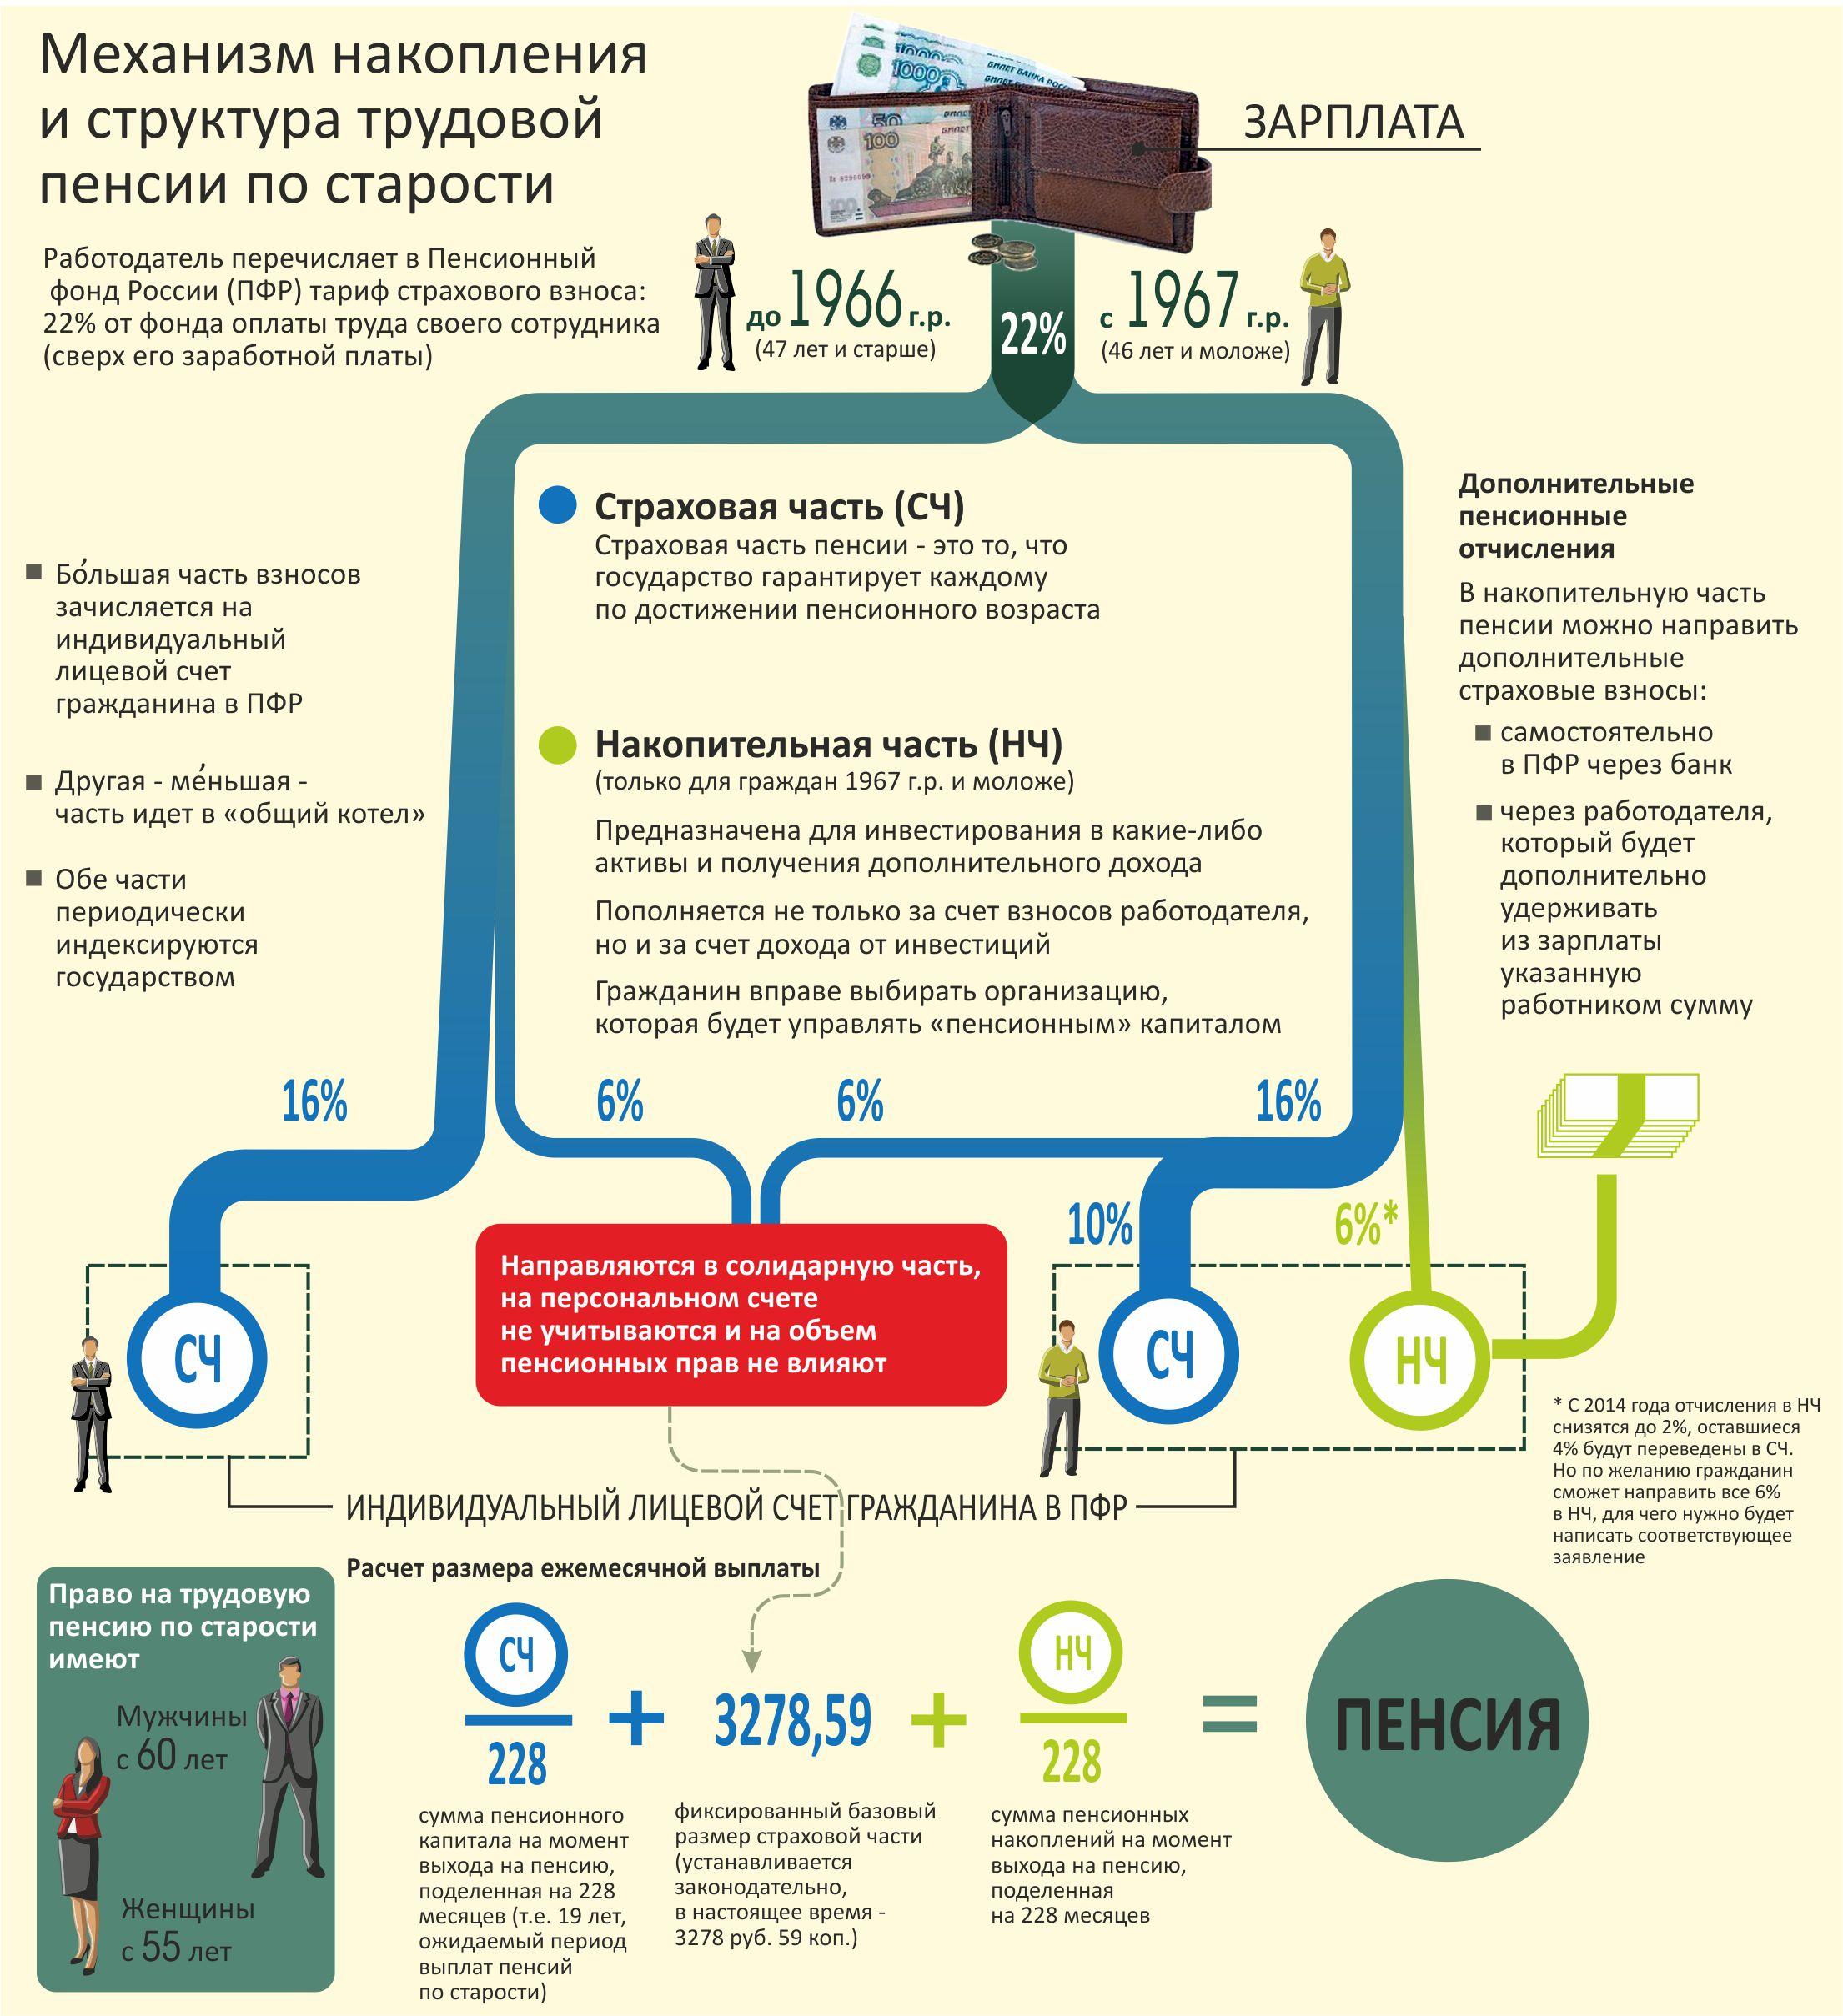 Что такое базовая пенсия в россии в